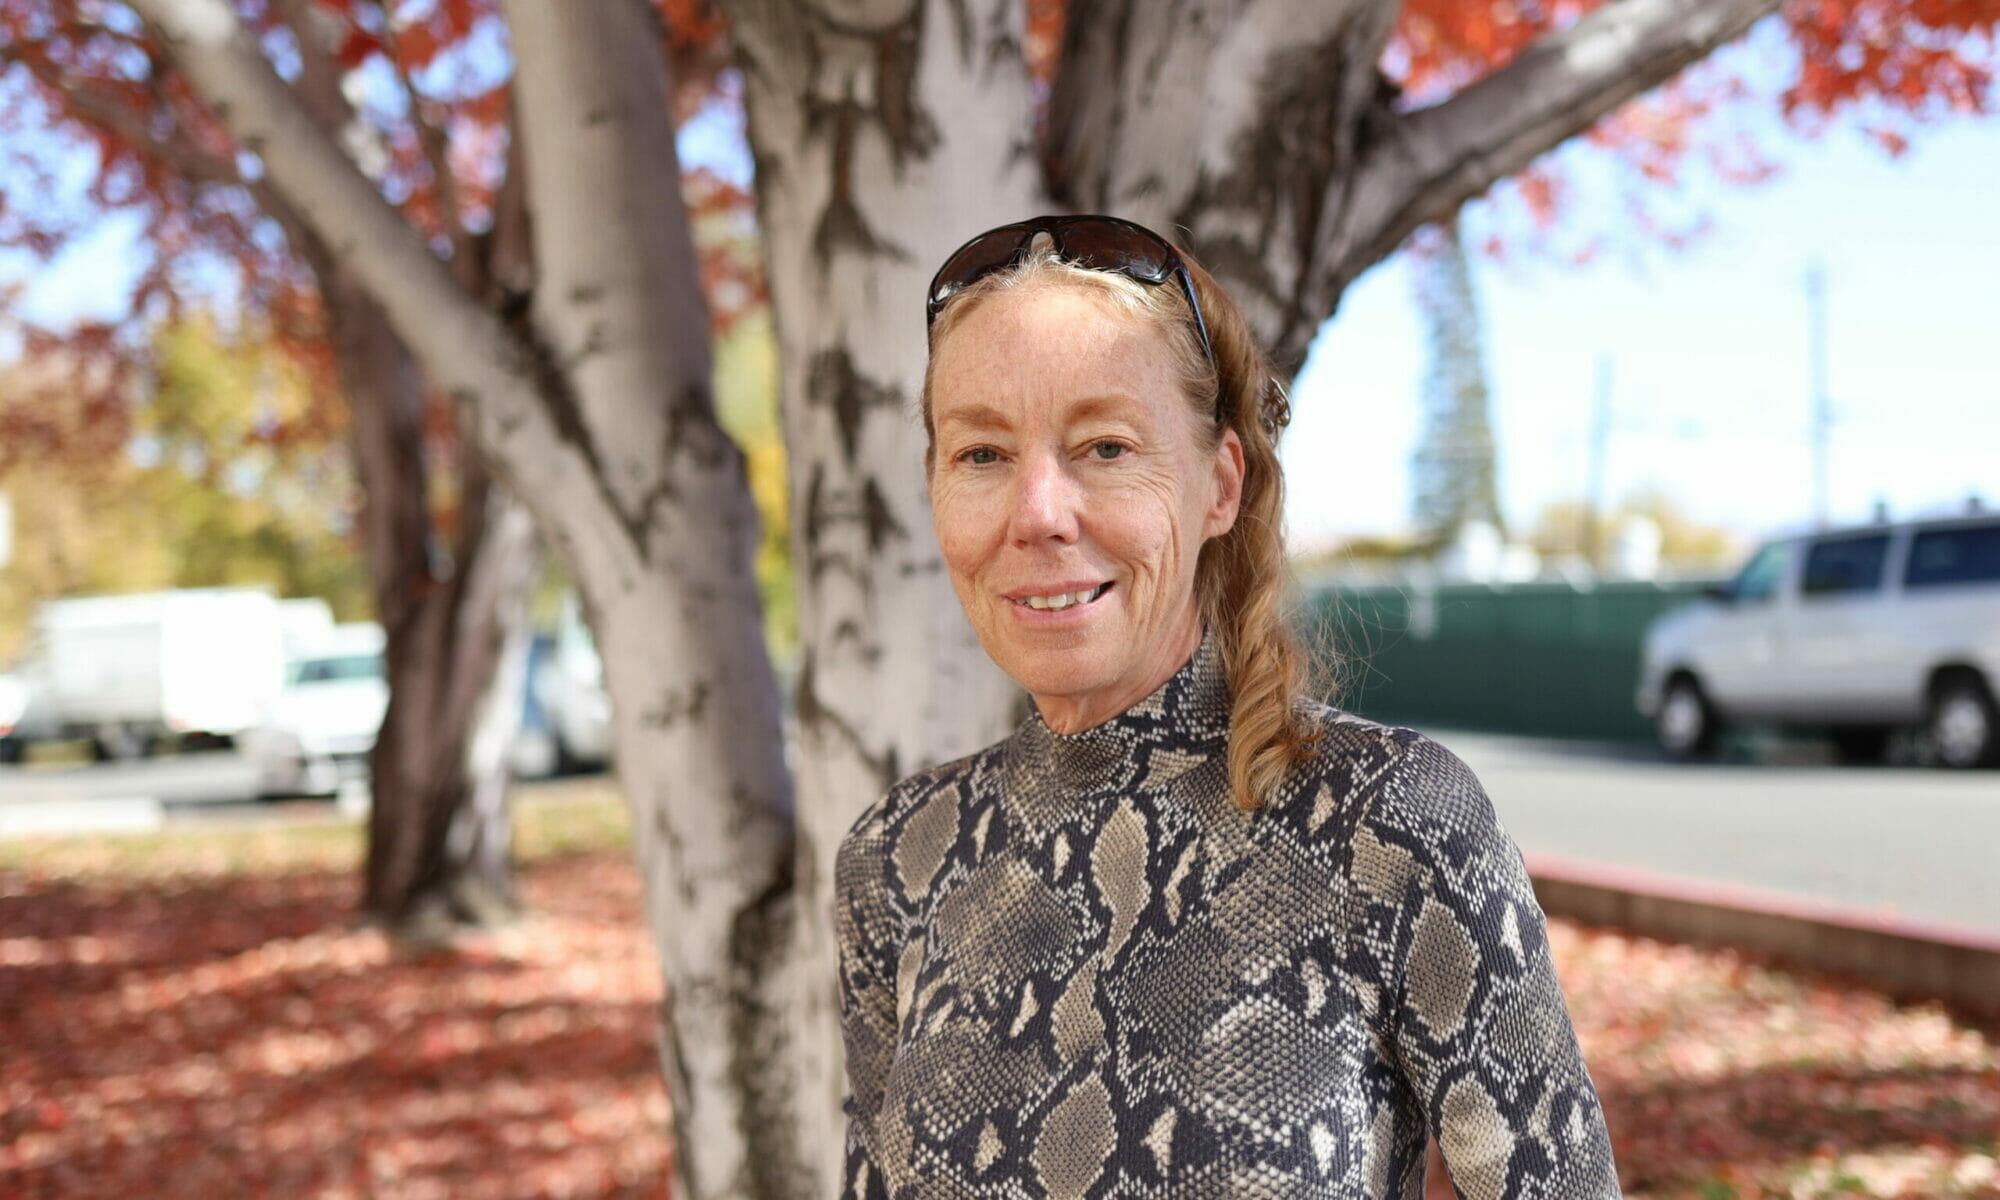 Dr. Karen Gedney